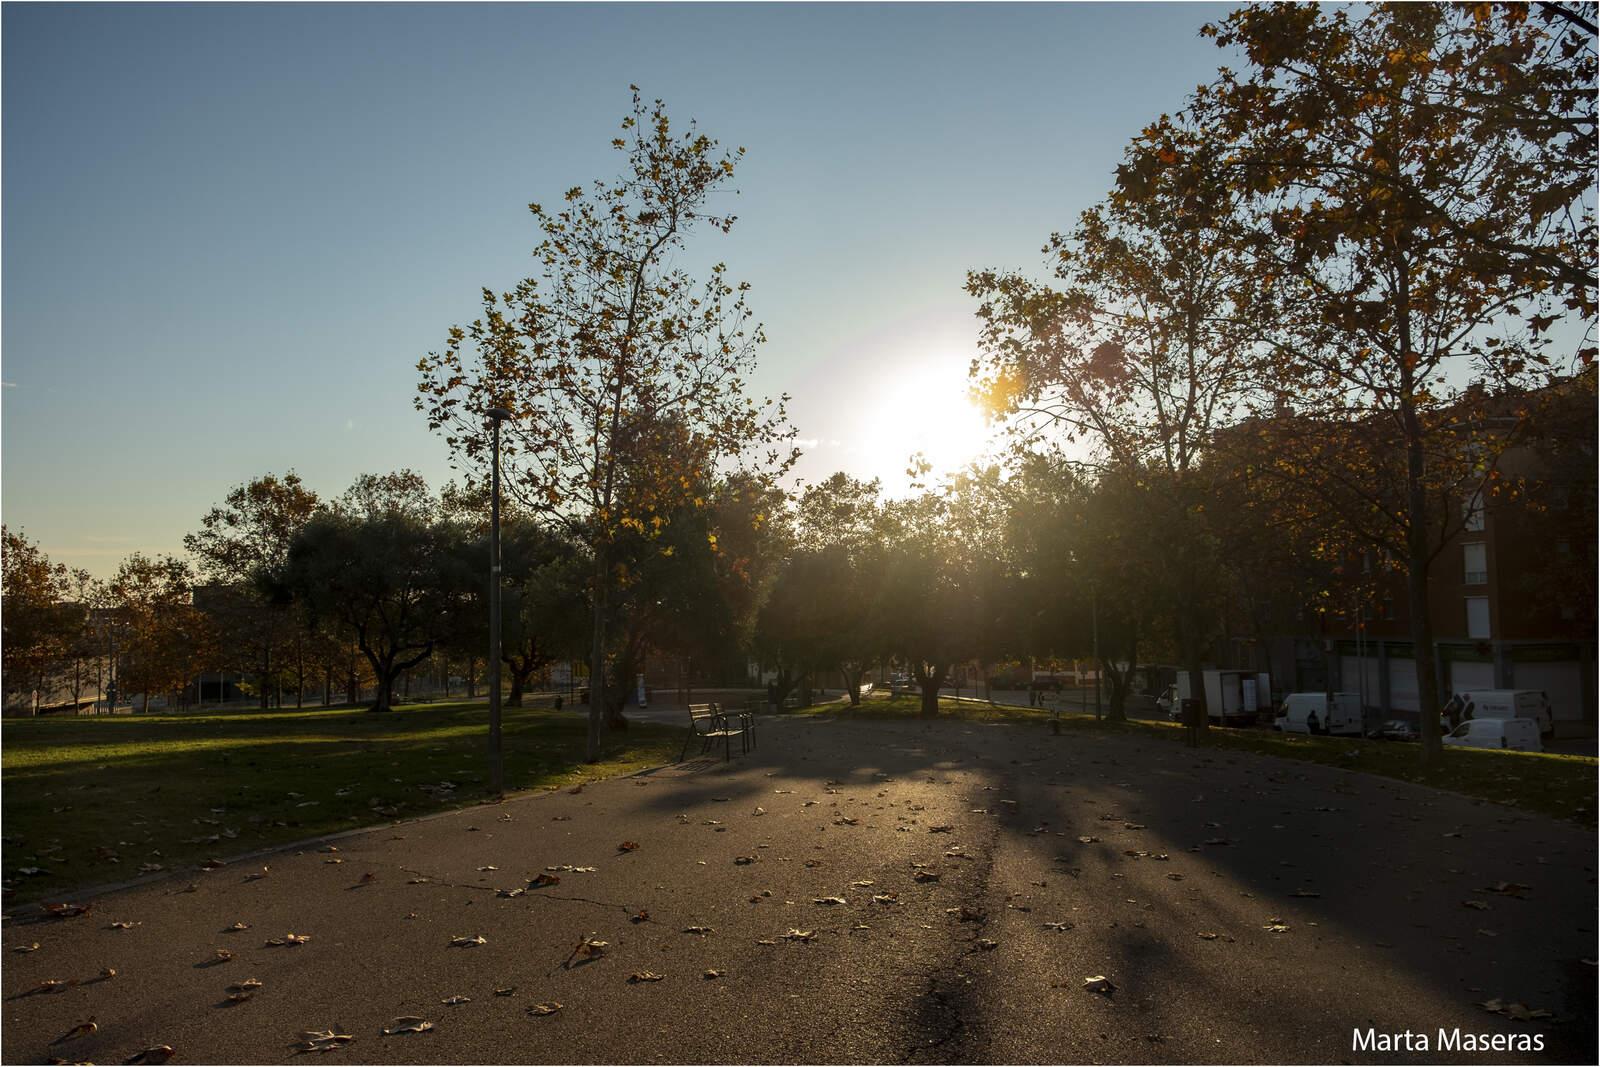 Matí de tardor al parc de Roc Blanc de Terrassa